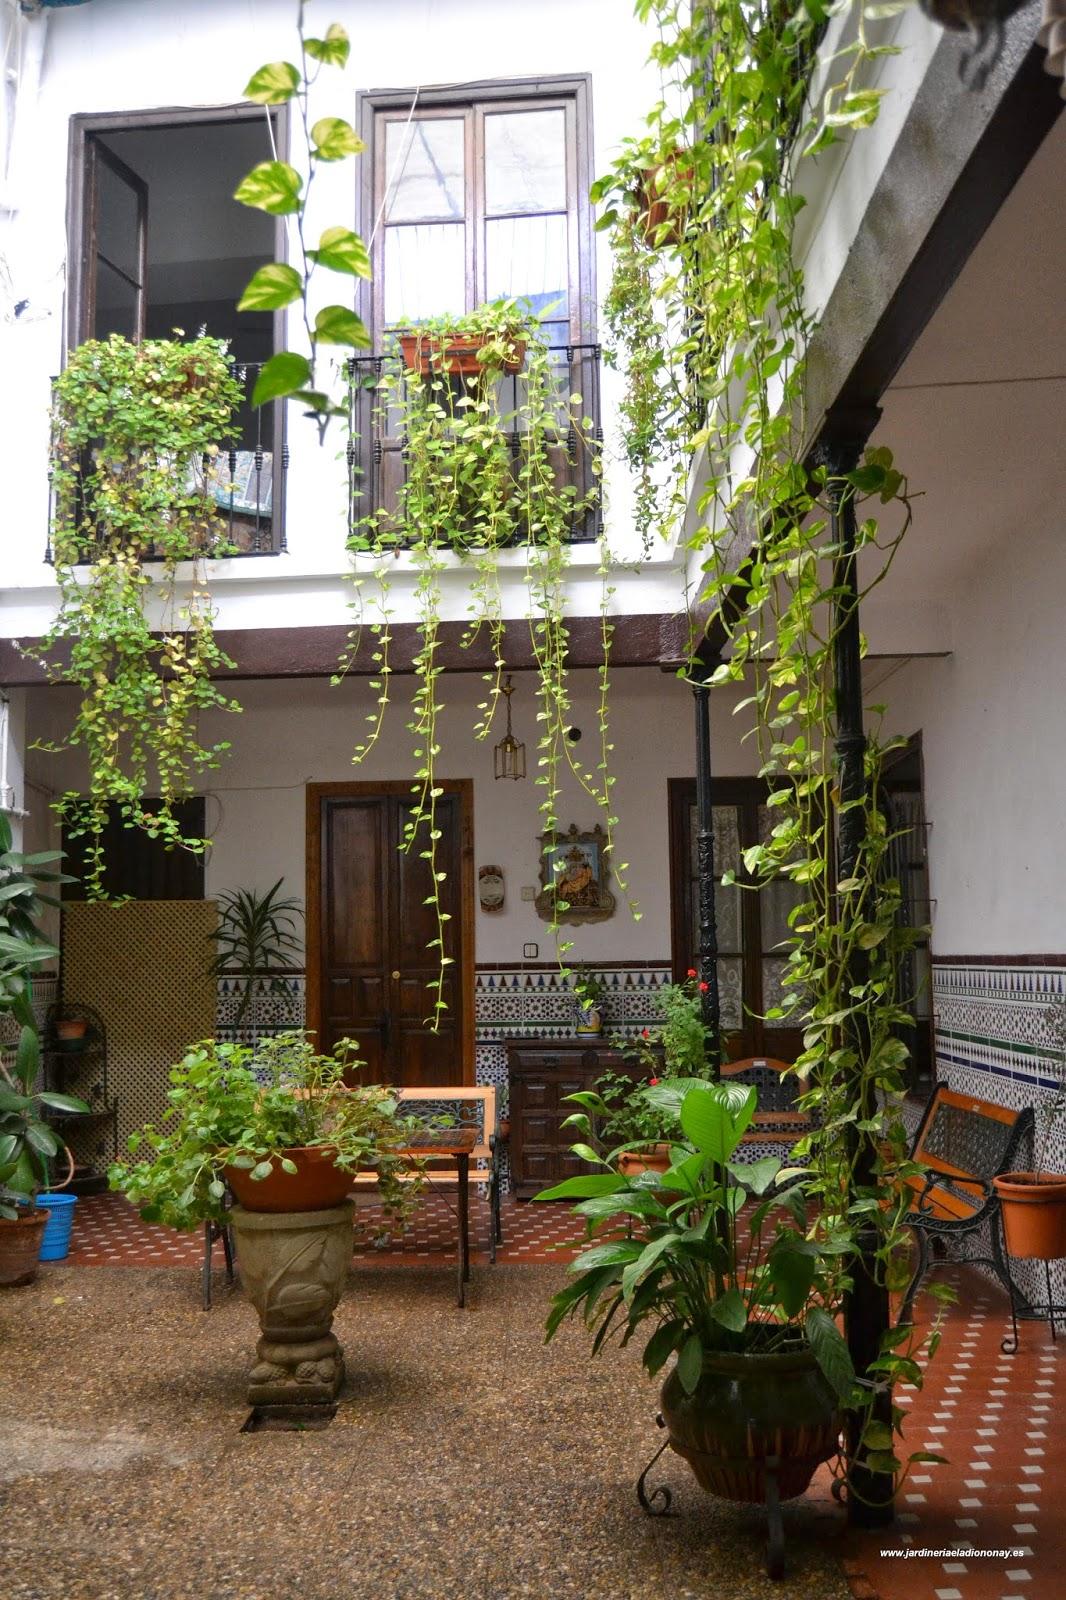 Jardineria eladio nonay patios andaluces jardiner a - Fuentes para patios ...